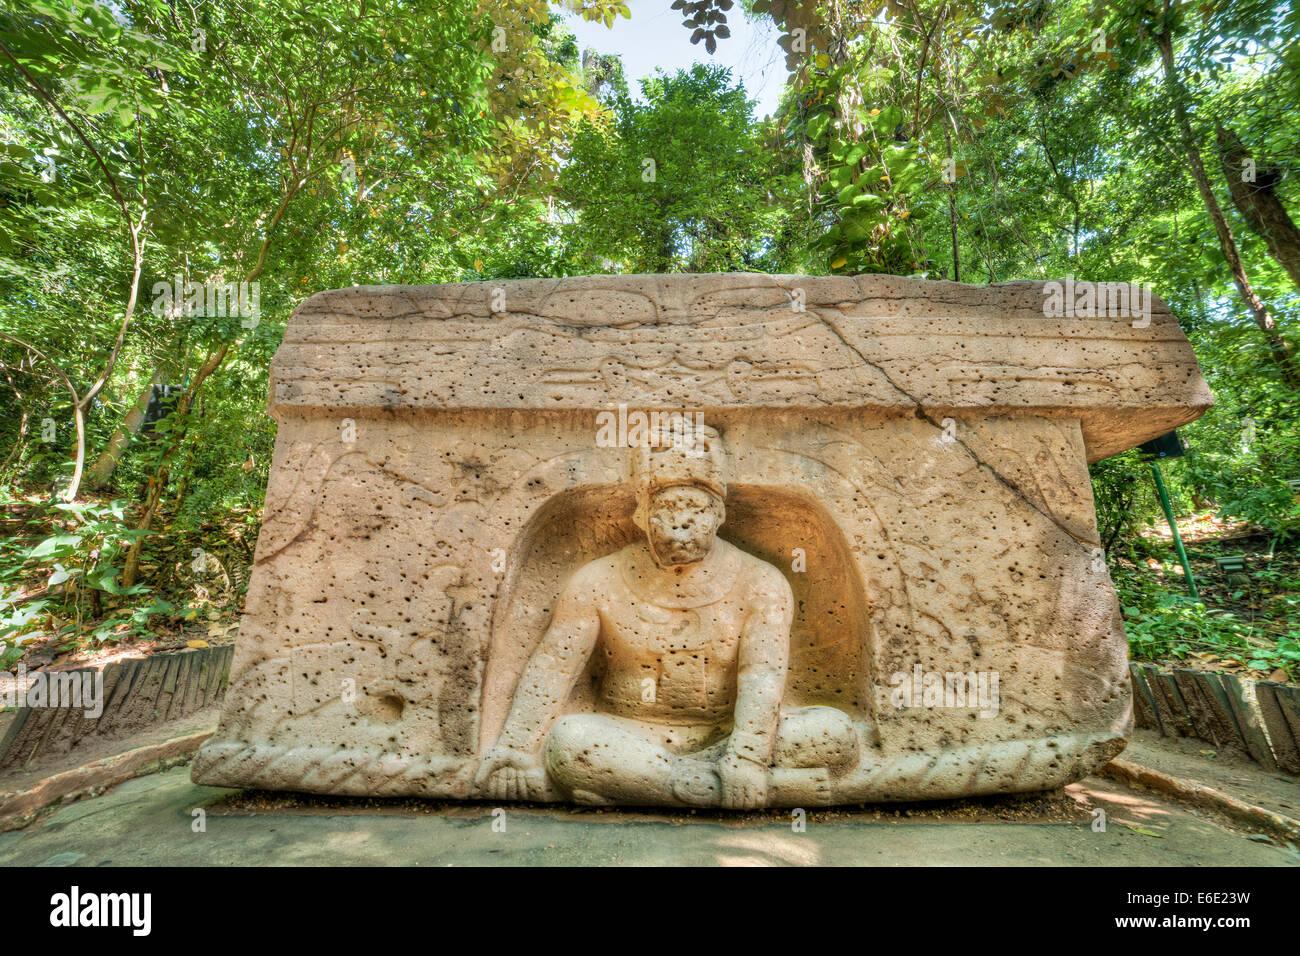 The Olmeca stone carving named Triumphal Altar in La Venta Park in Villahermosa, Tabasco, Mexico. - Stock Image